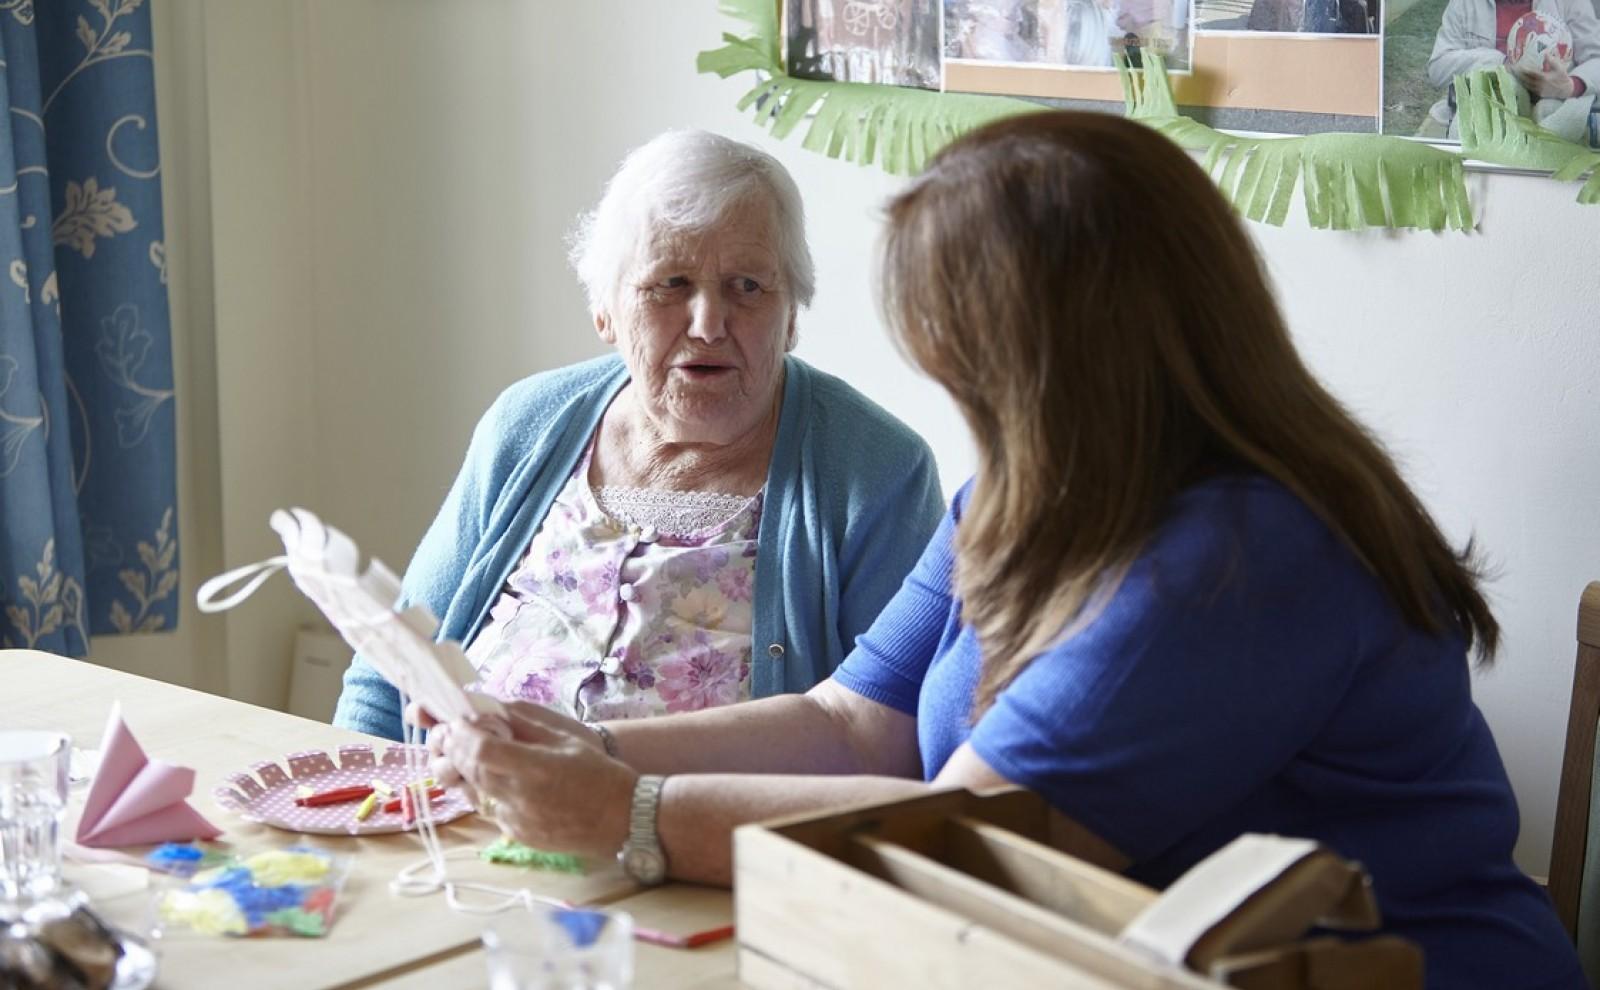 jonge vrouw helpt oudere vrouw met knutselen